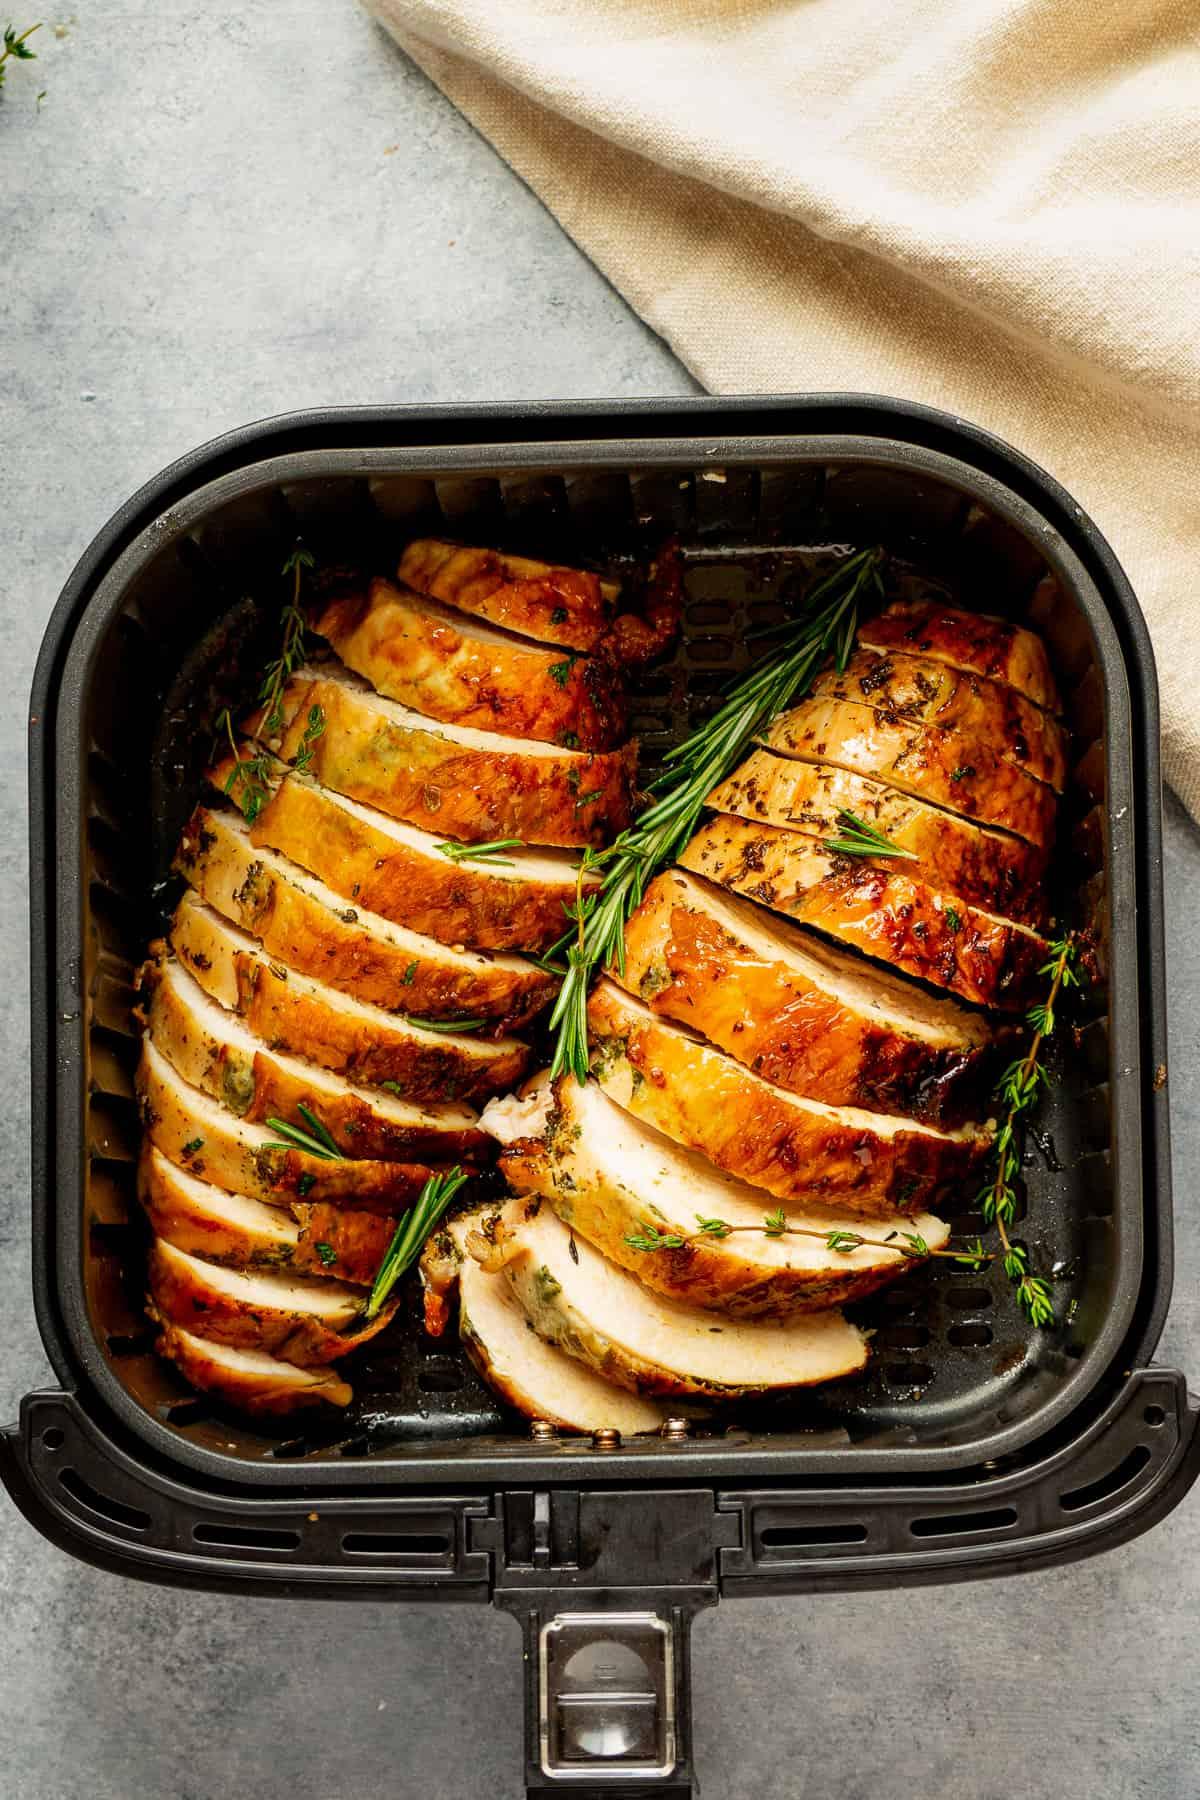 Juicy sliced turkey breast in the air fryer basket.